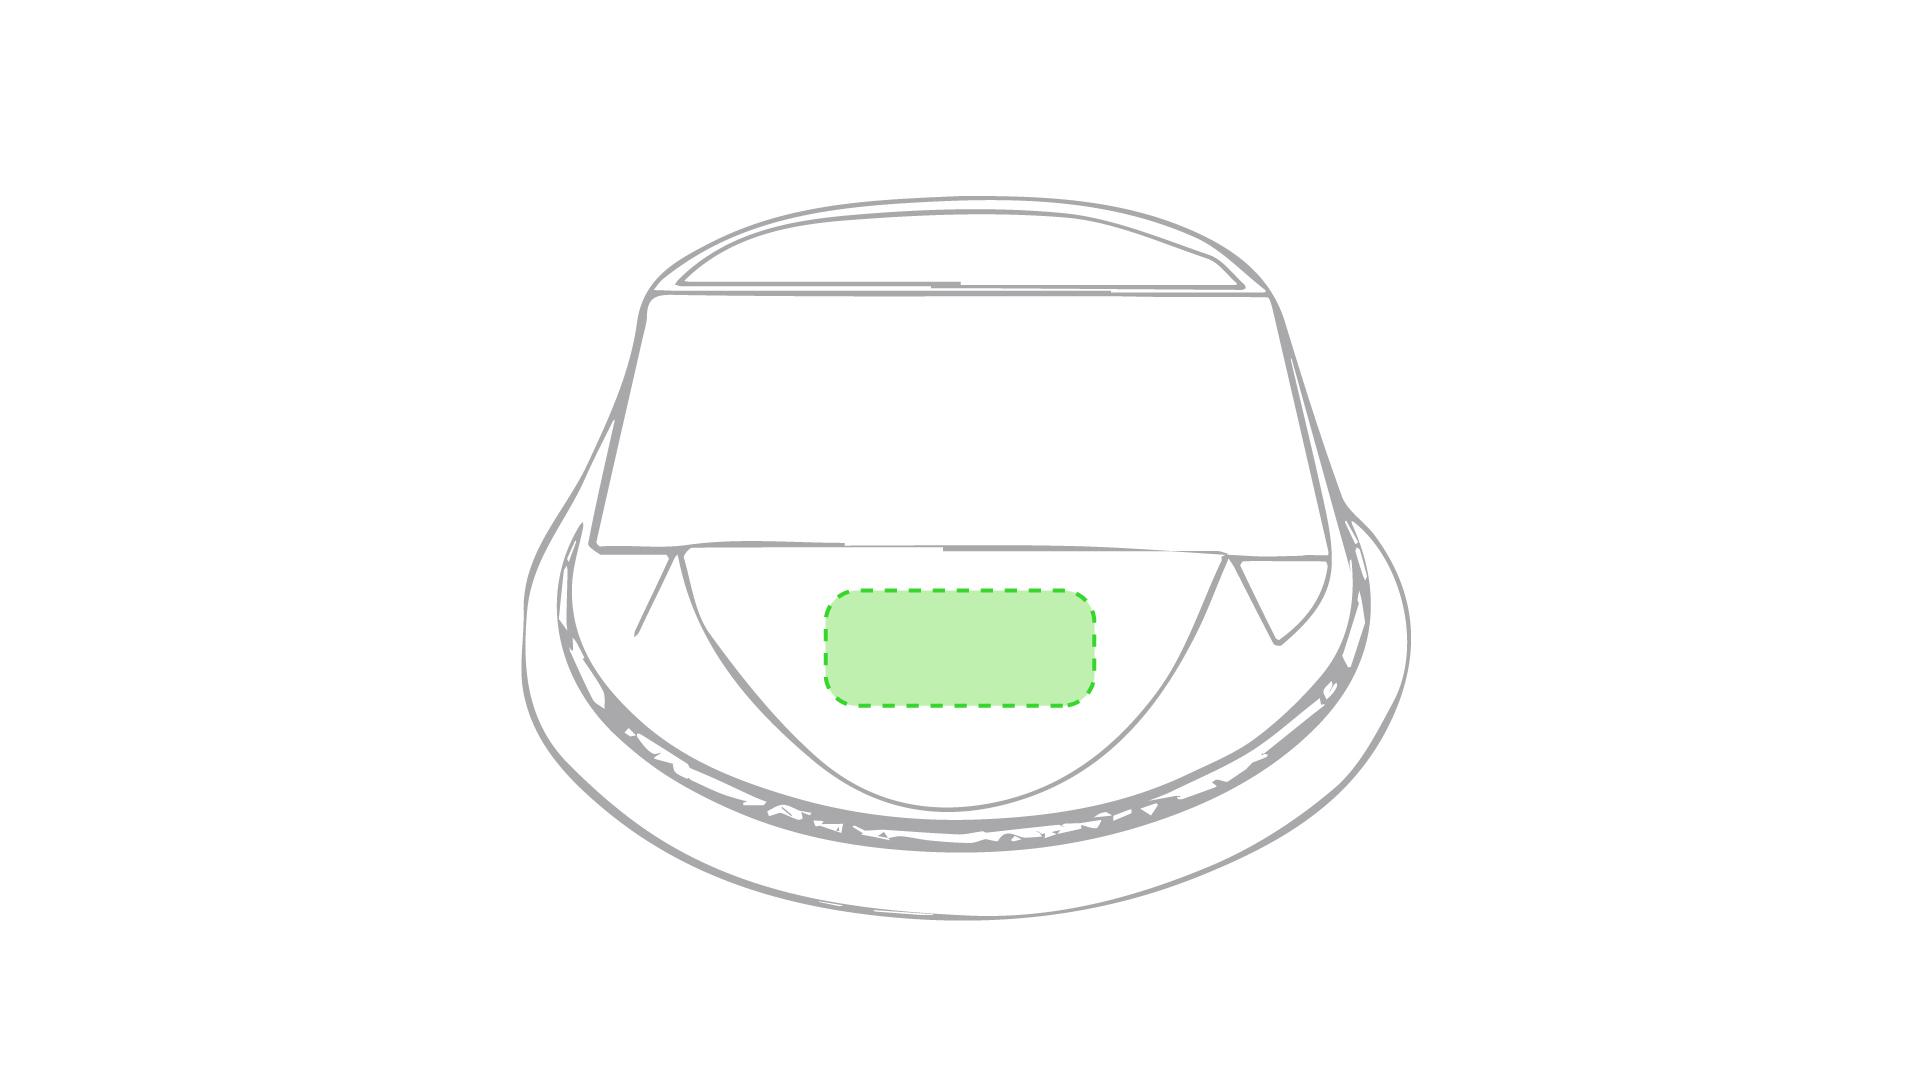 Cara frontal del soporte